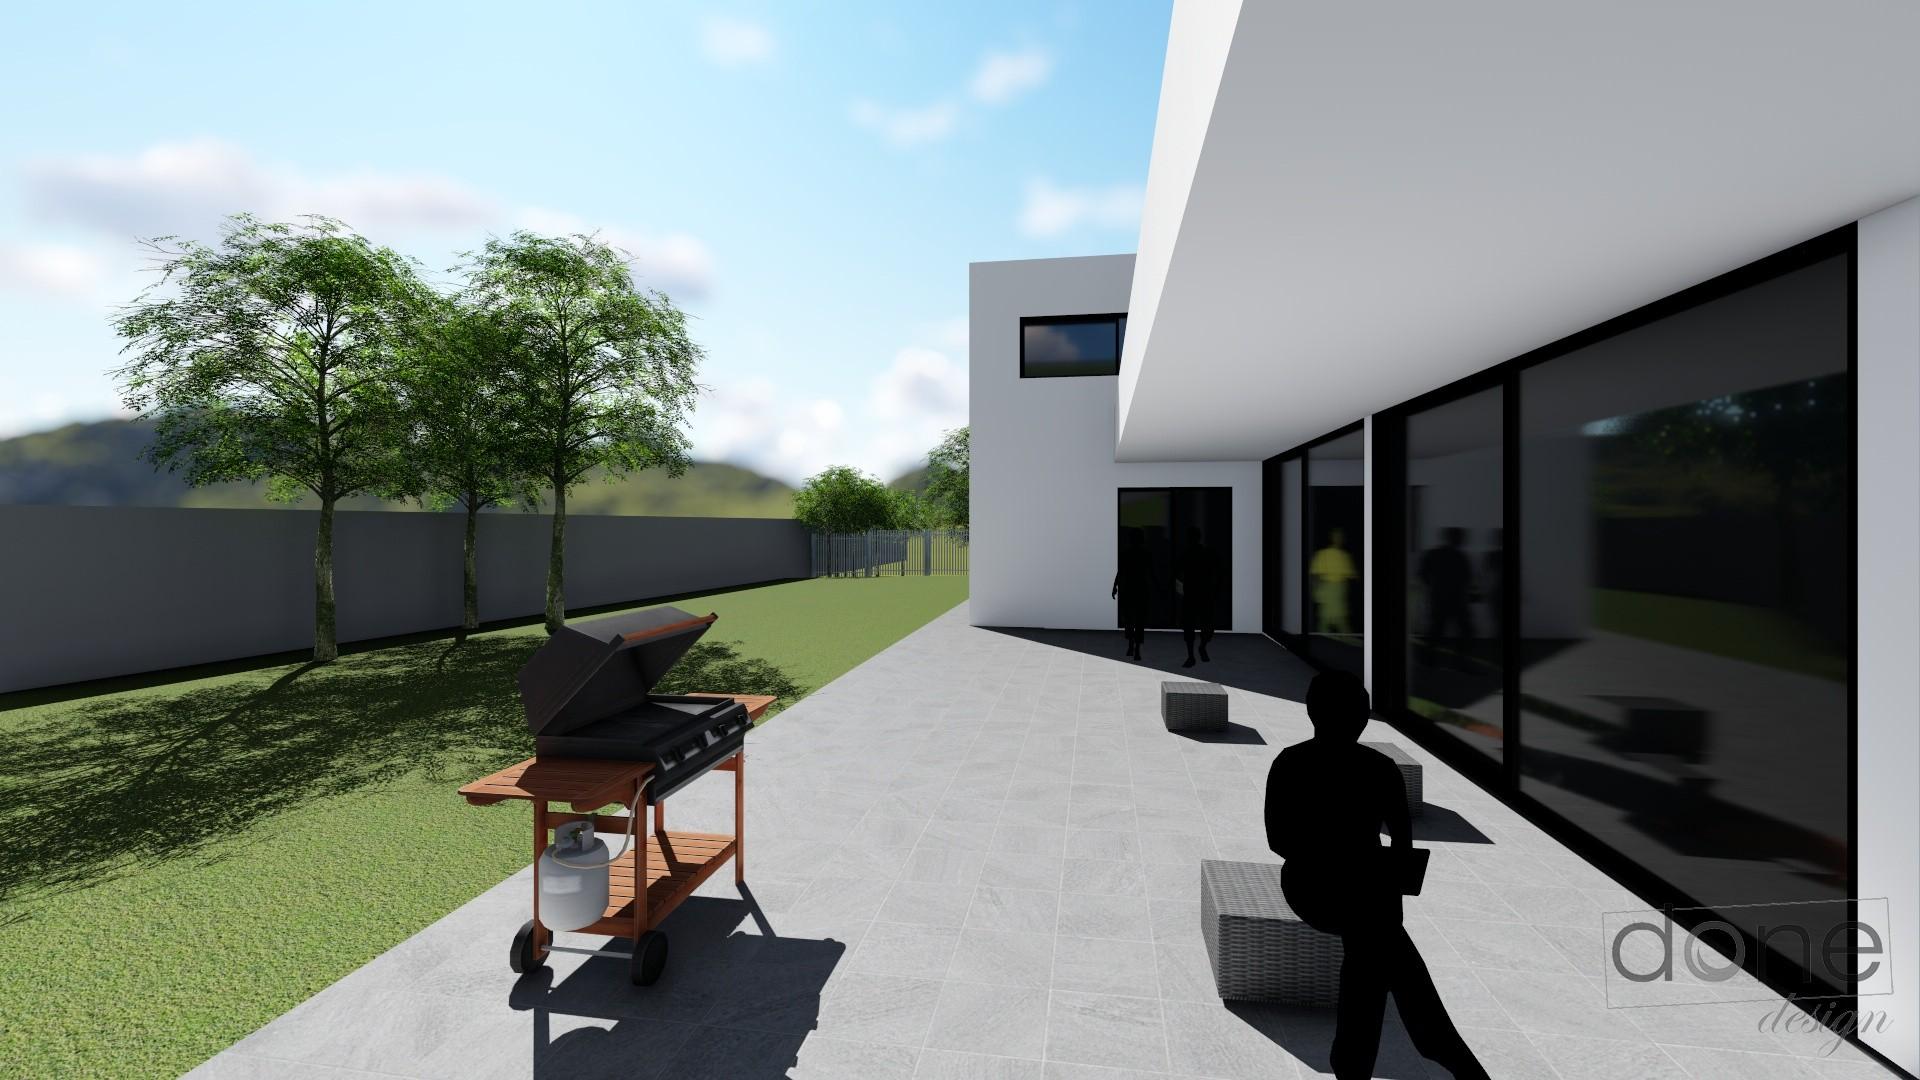 Casas en proceso de construcci n construimos tu casa - Construccion modular hormigon ...